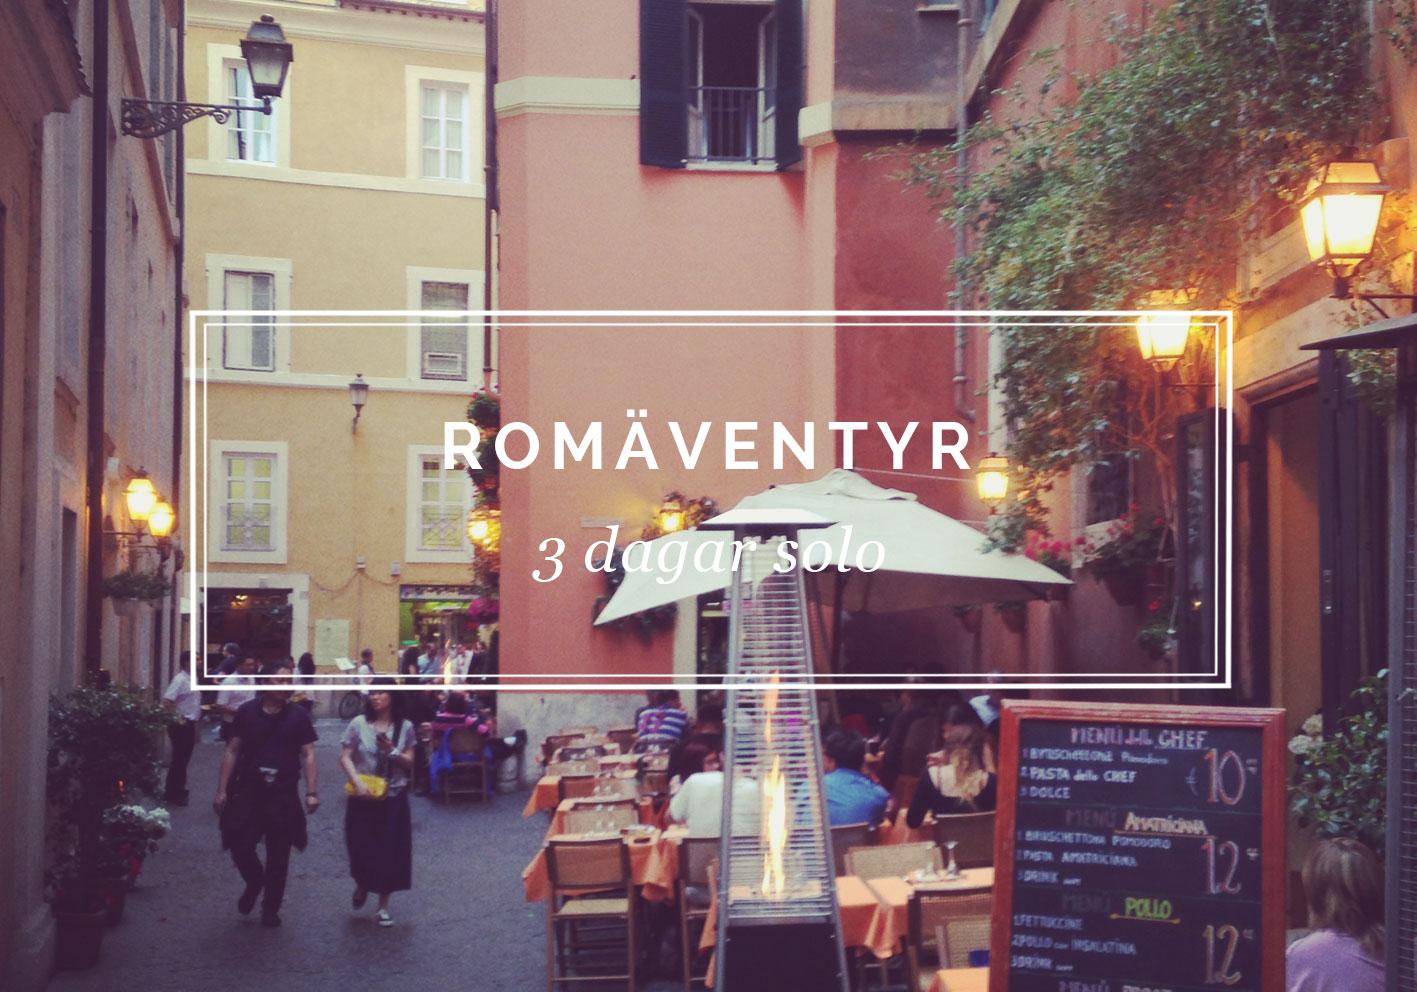 #KLMtop10 och solo i Rom